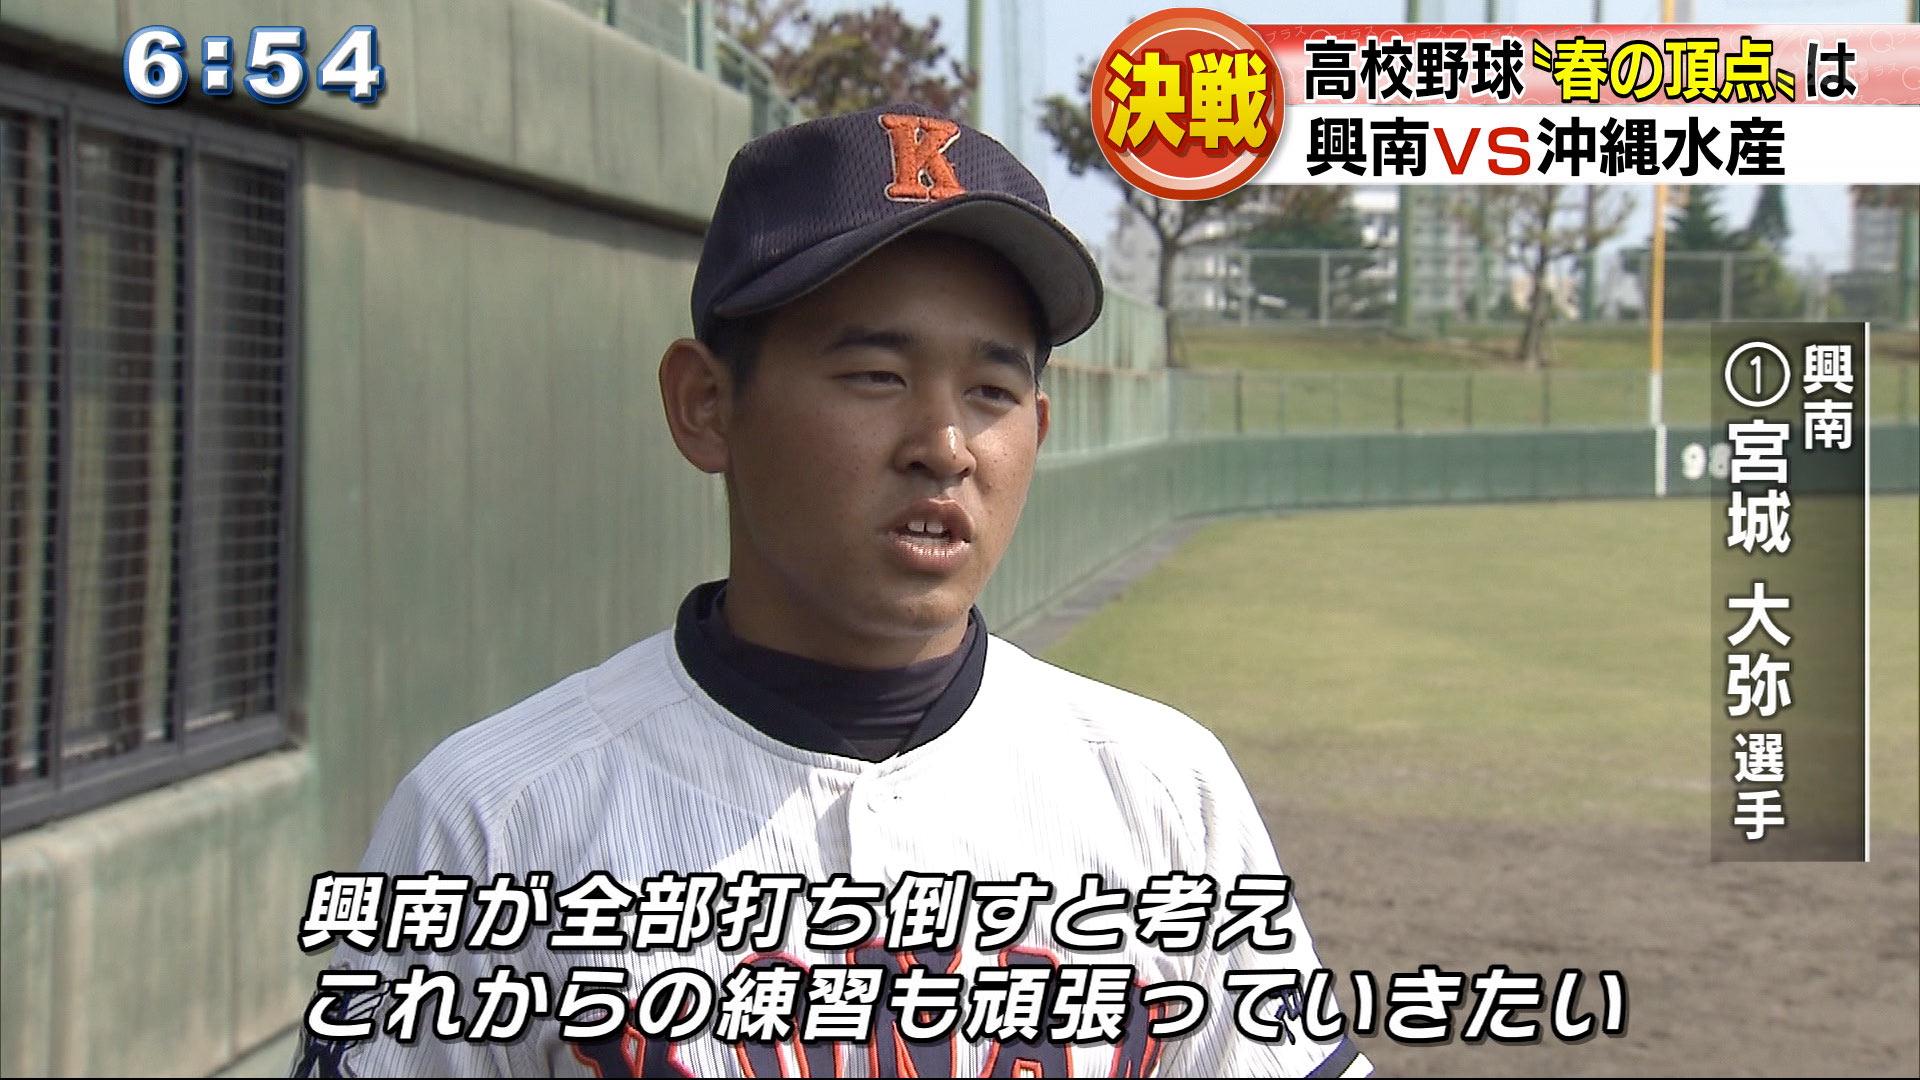 県高校野球春季大会決勝 古豪同士が激突